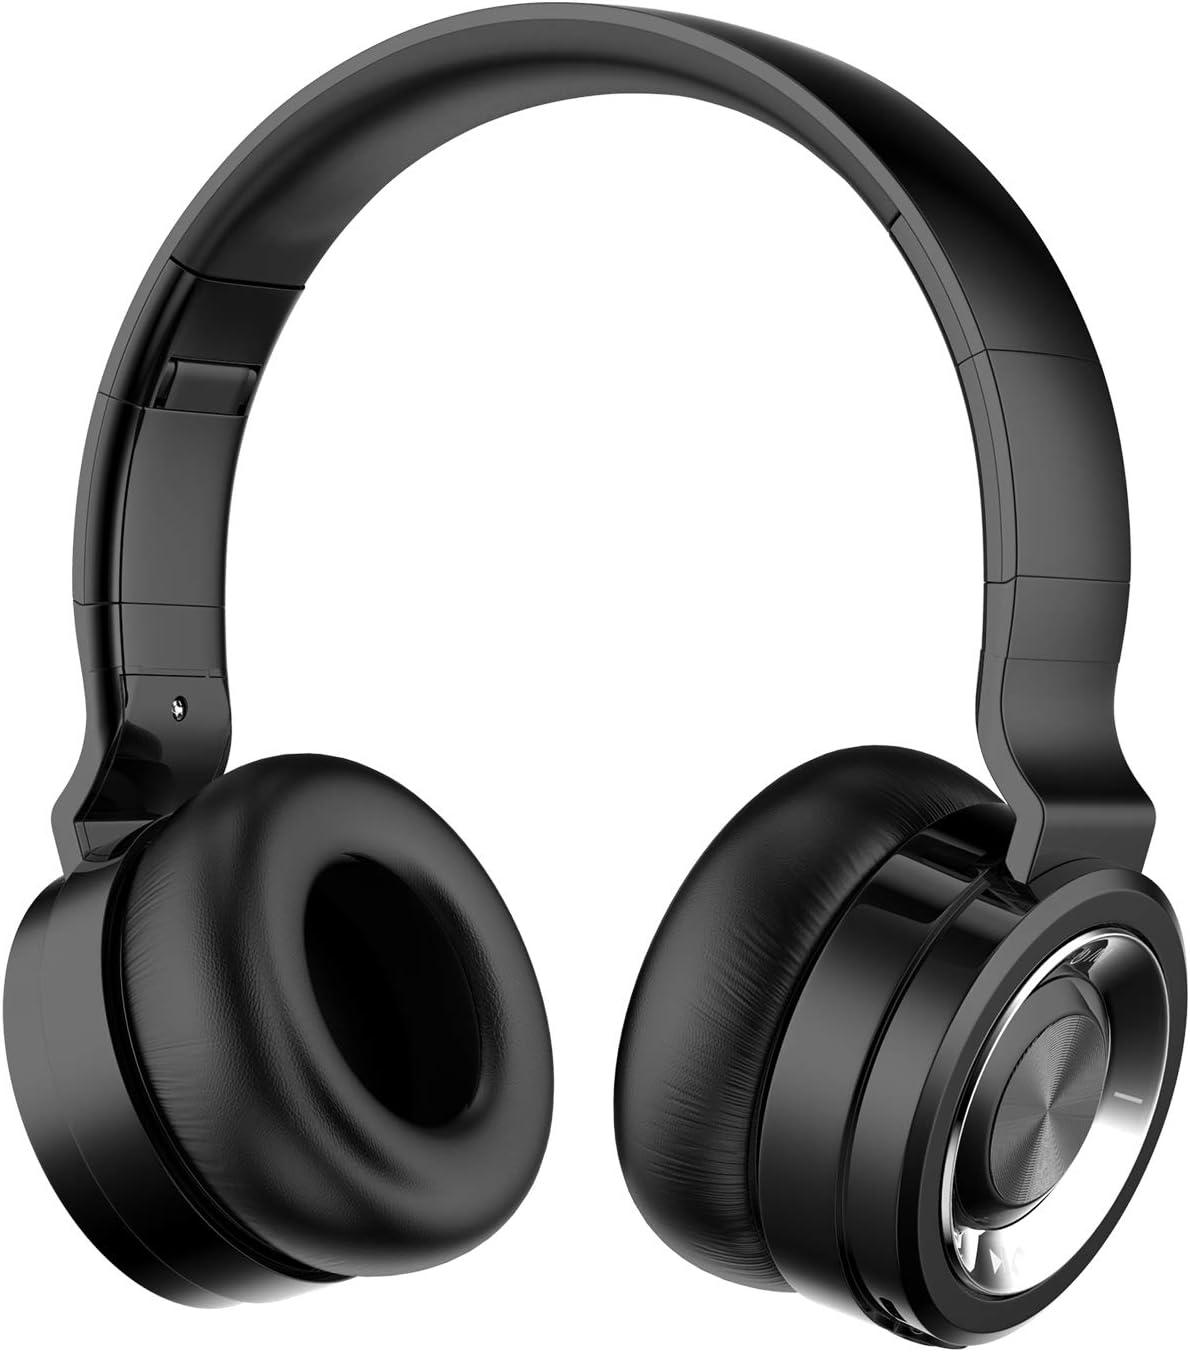 Alitoo Auriculares Inalámbricos Bluetooth con Micrófono Hi-Fi Deep Bass Auriculares Inalámbricos Sobre El Oído, Almohadillas de Protección Cómodo, 12 Horas de Tiempo de Juego para Viajes (Plata Negro): Amazon.es: Electrónica